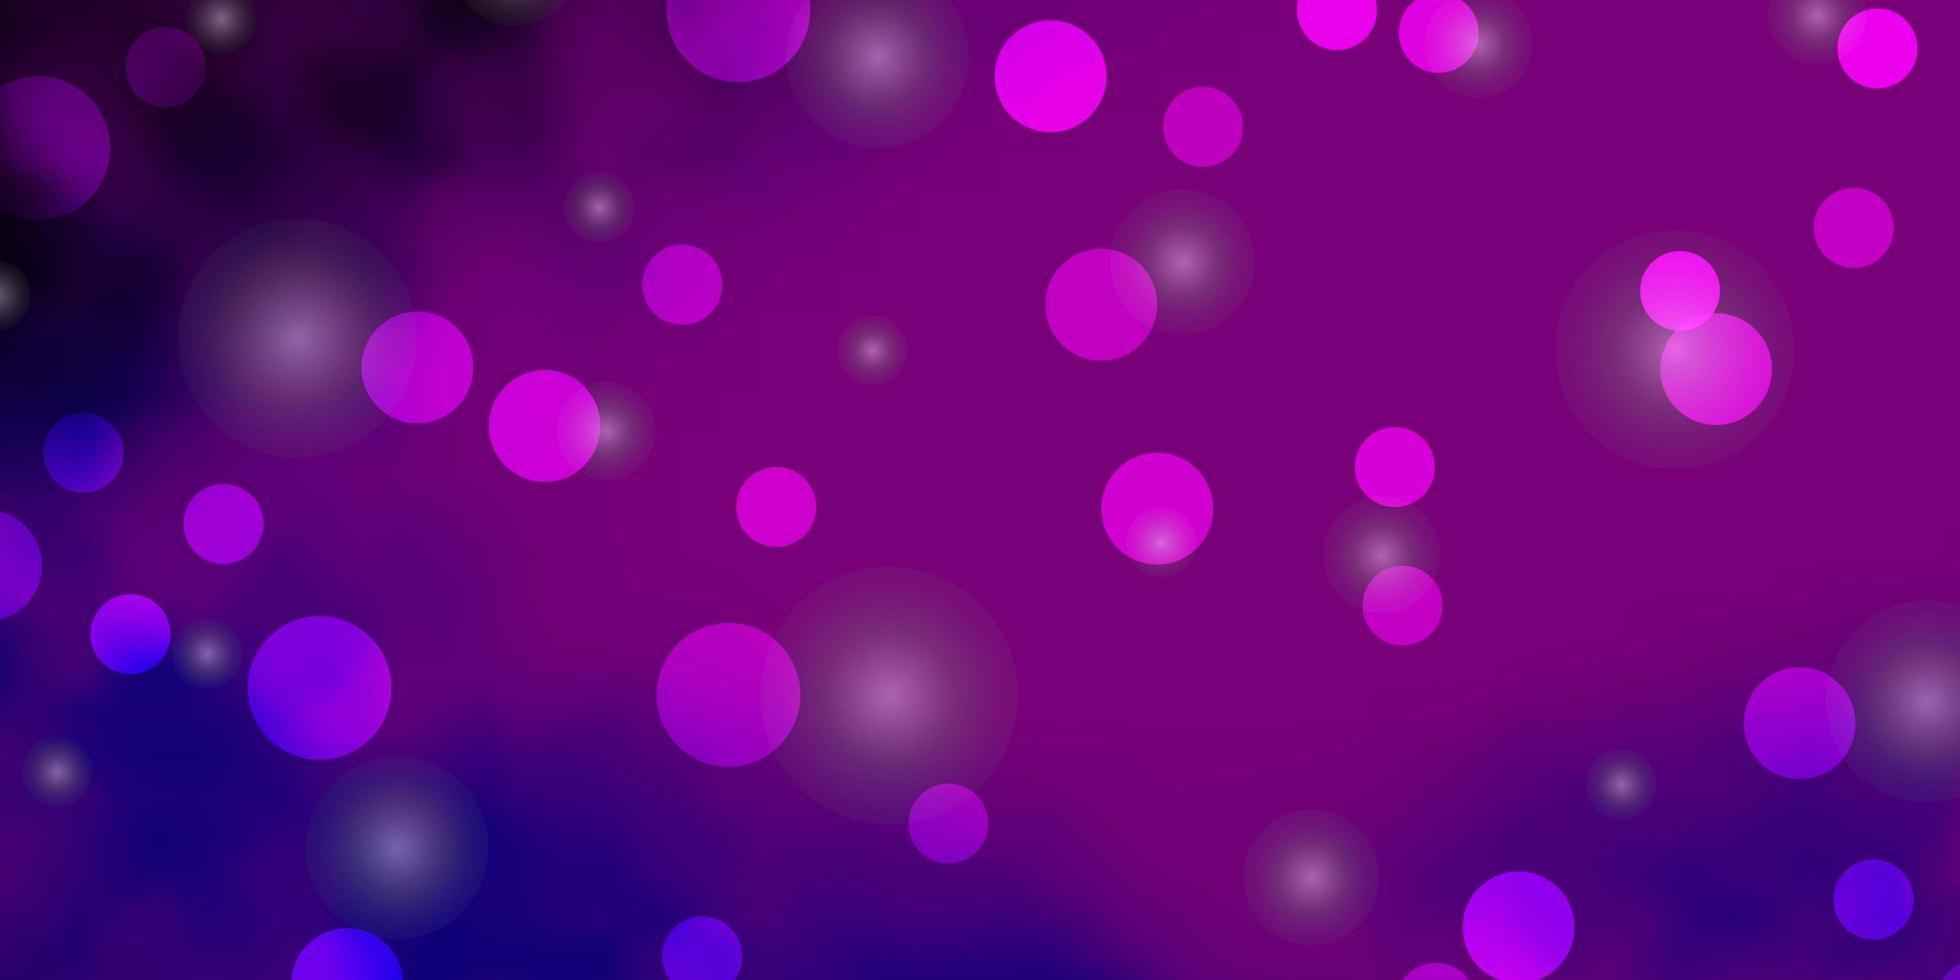 hellrosa, blaue Vektorschablone mit Kreisen, Sternen. vektor